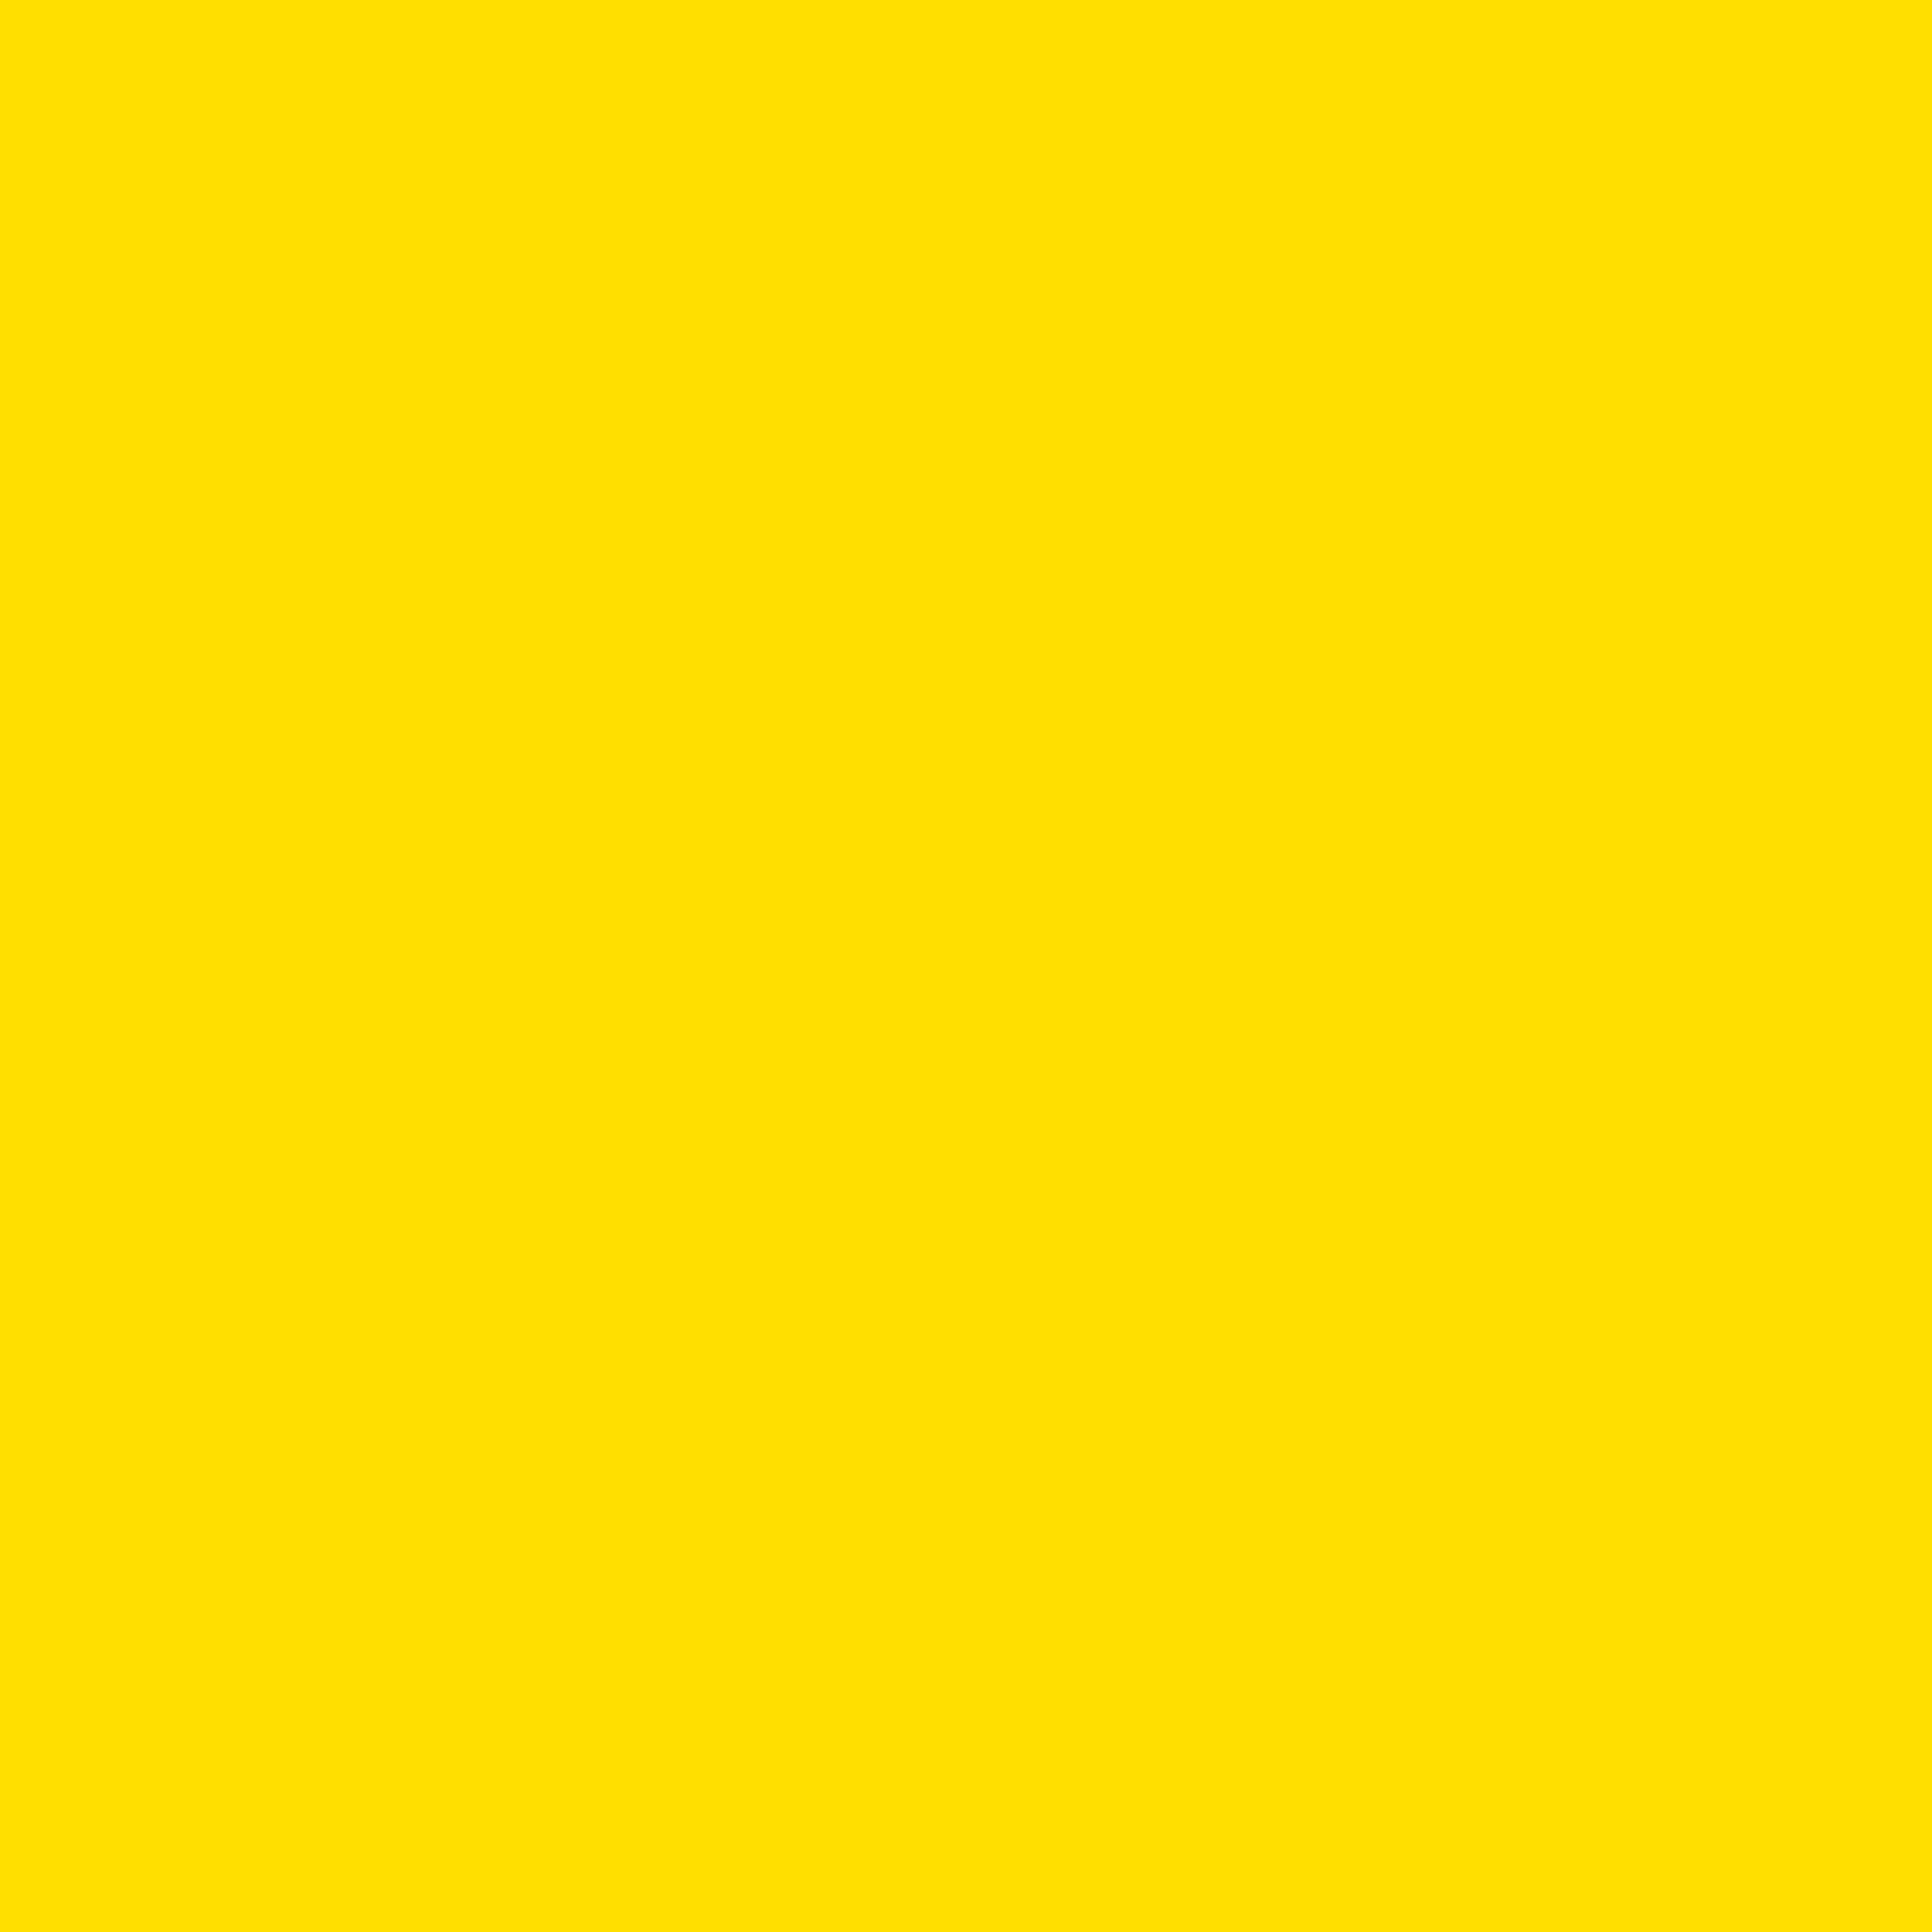 colour blindness essays